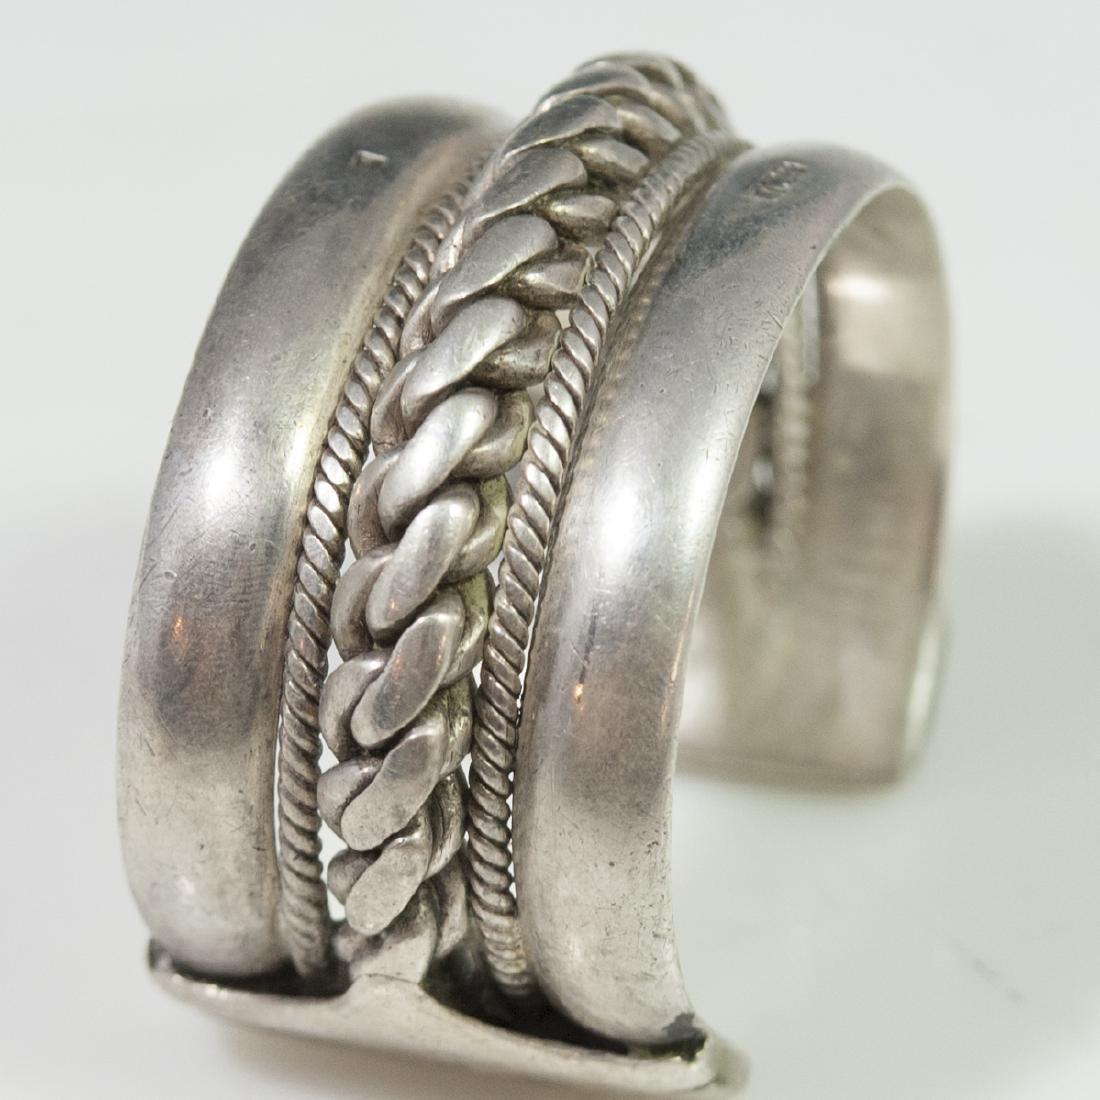 Egyptian Silver Cuff Bracelet - 4